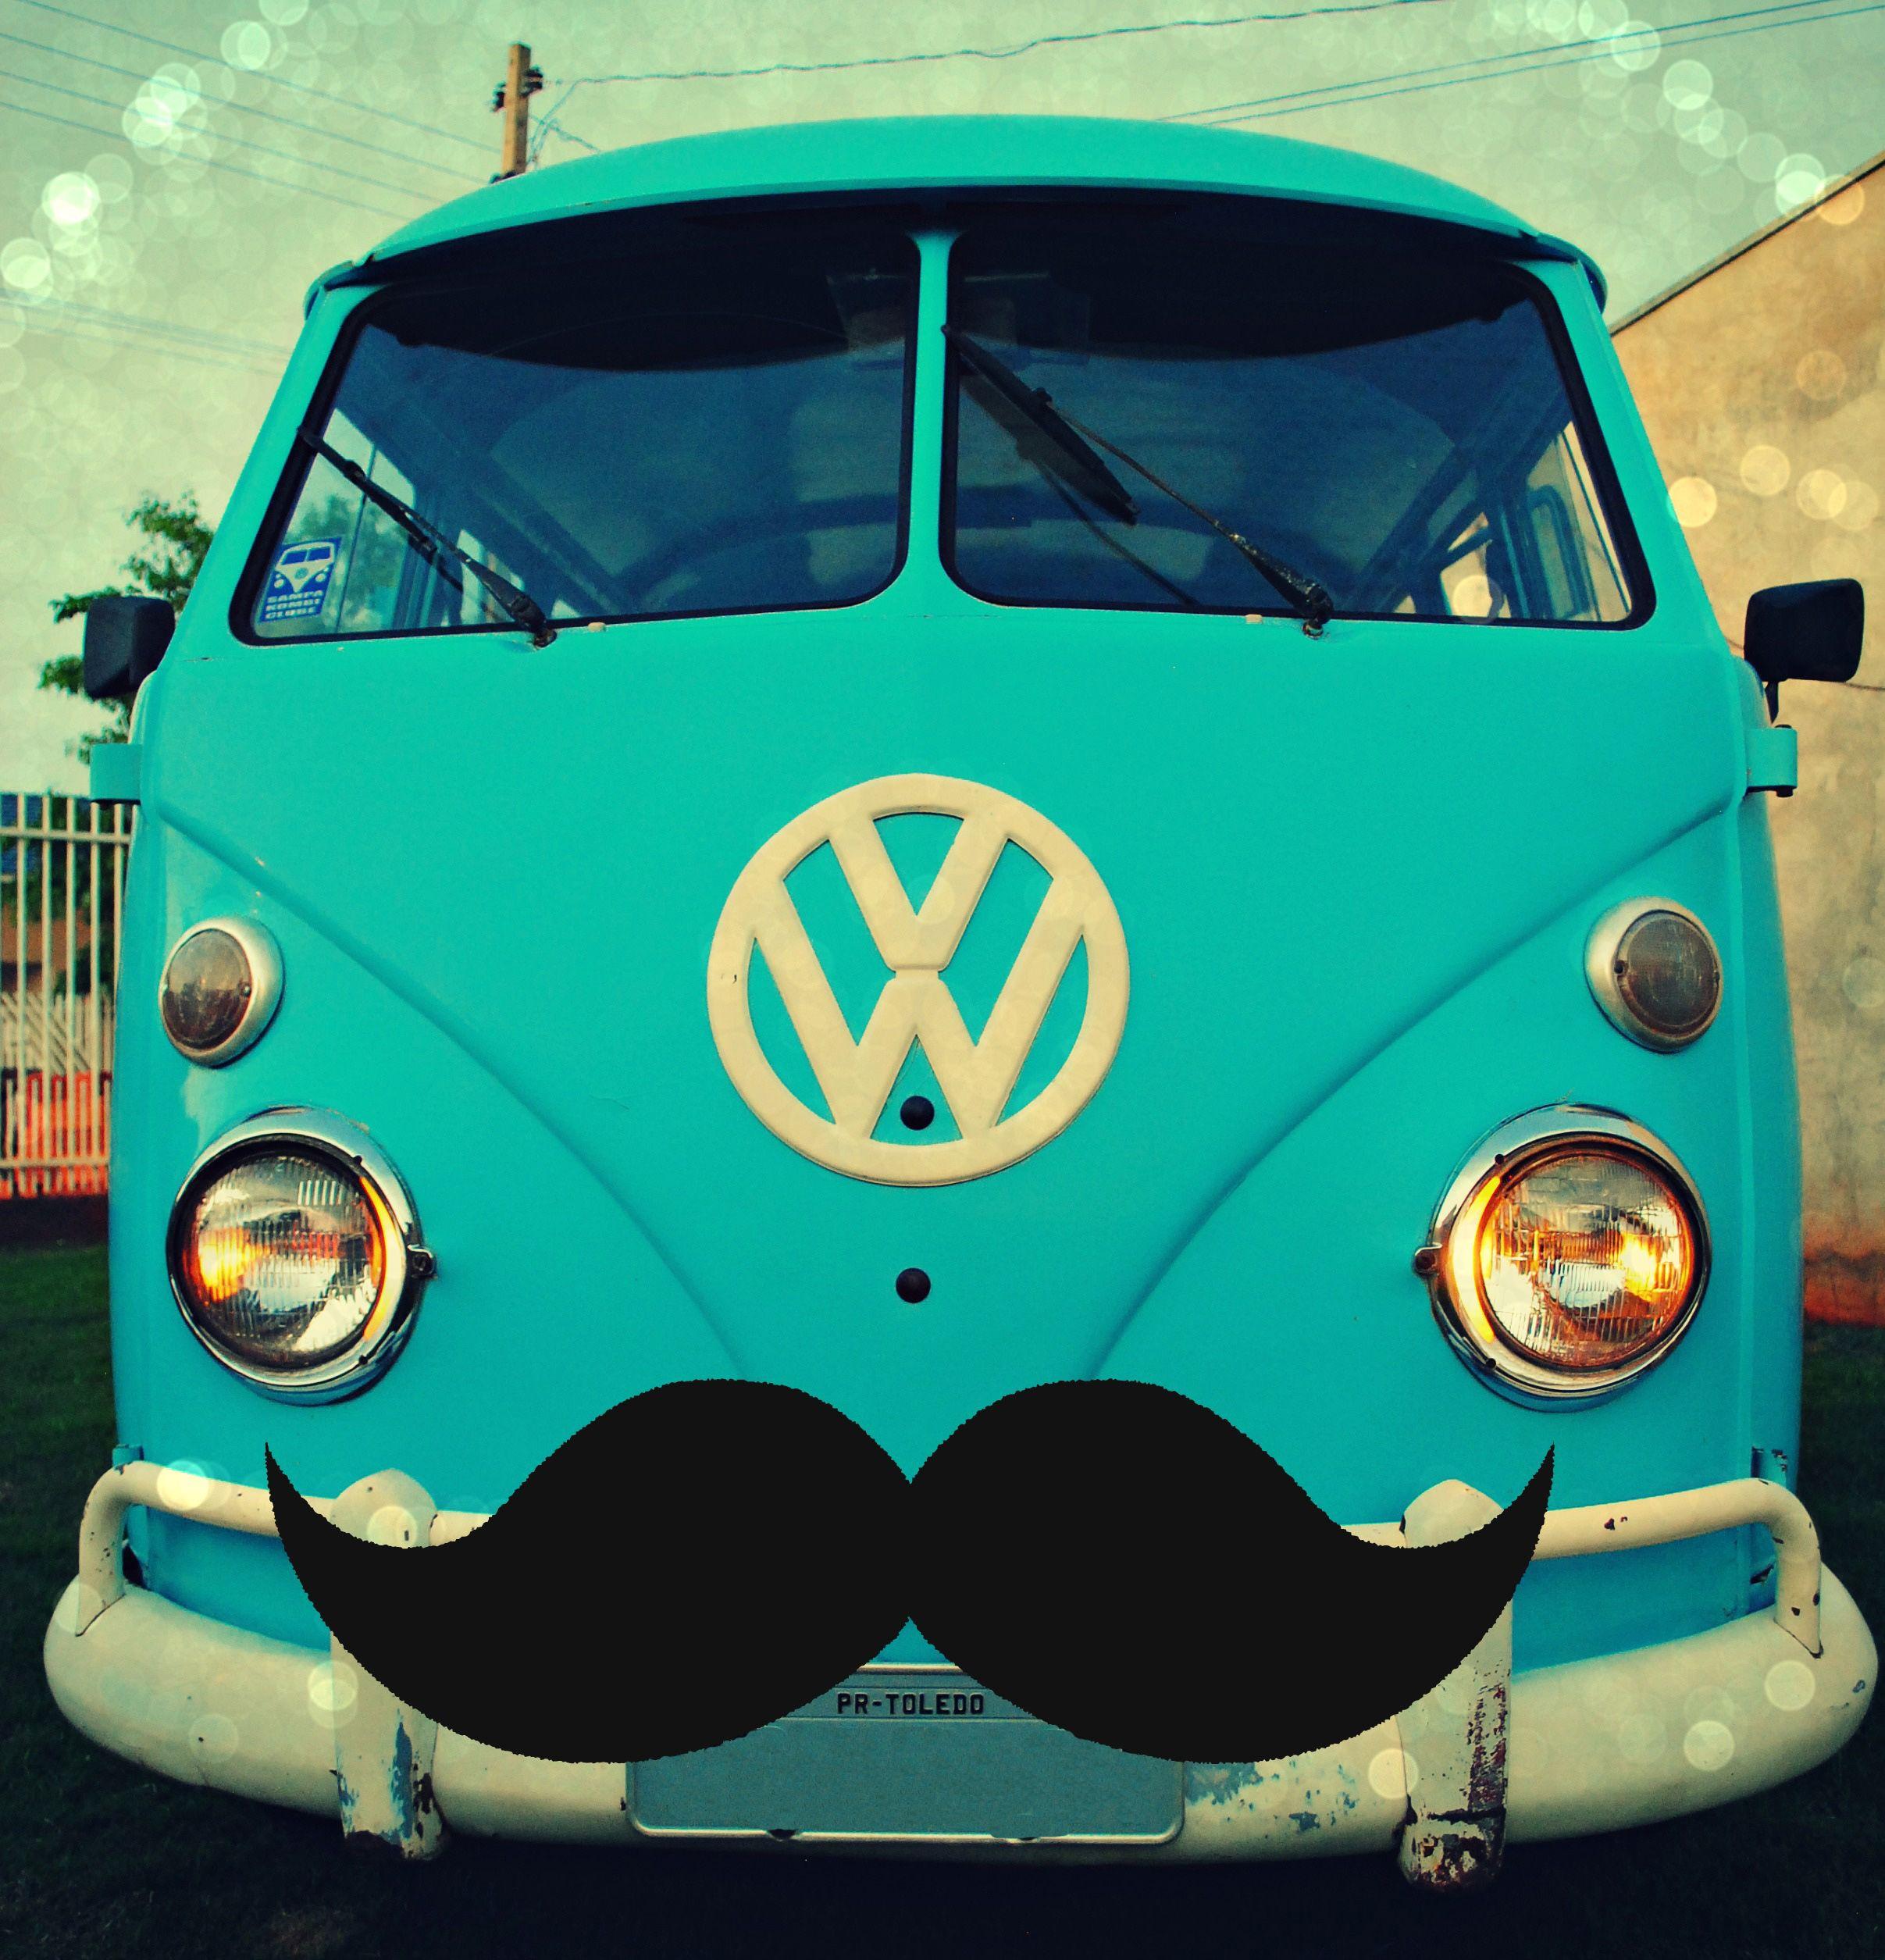 kombi mustache aircooled Volkswagen logo, Vehicle